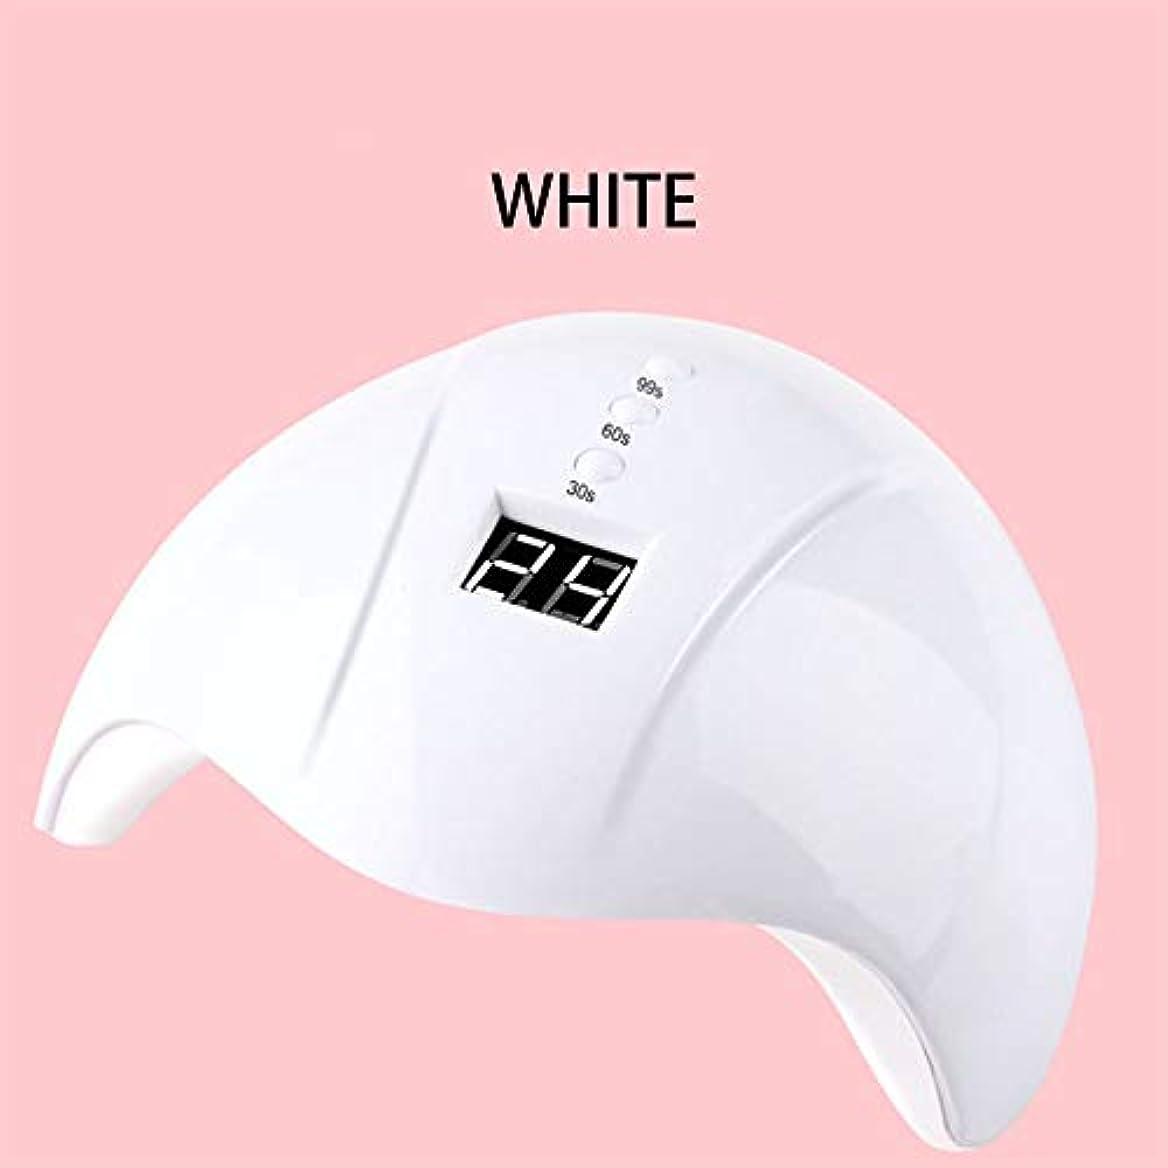 冷蔵庫カロリー湿った36W紫外線LEDジェルマニキュアを硬化させるための赤外線センサー、UVネイルライトクイック乾燥機、3つのタイマーとネイルLEDランプ(PINK/WHITE),白